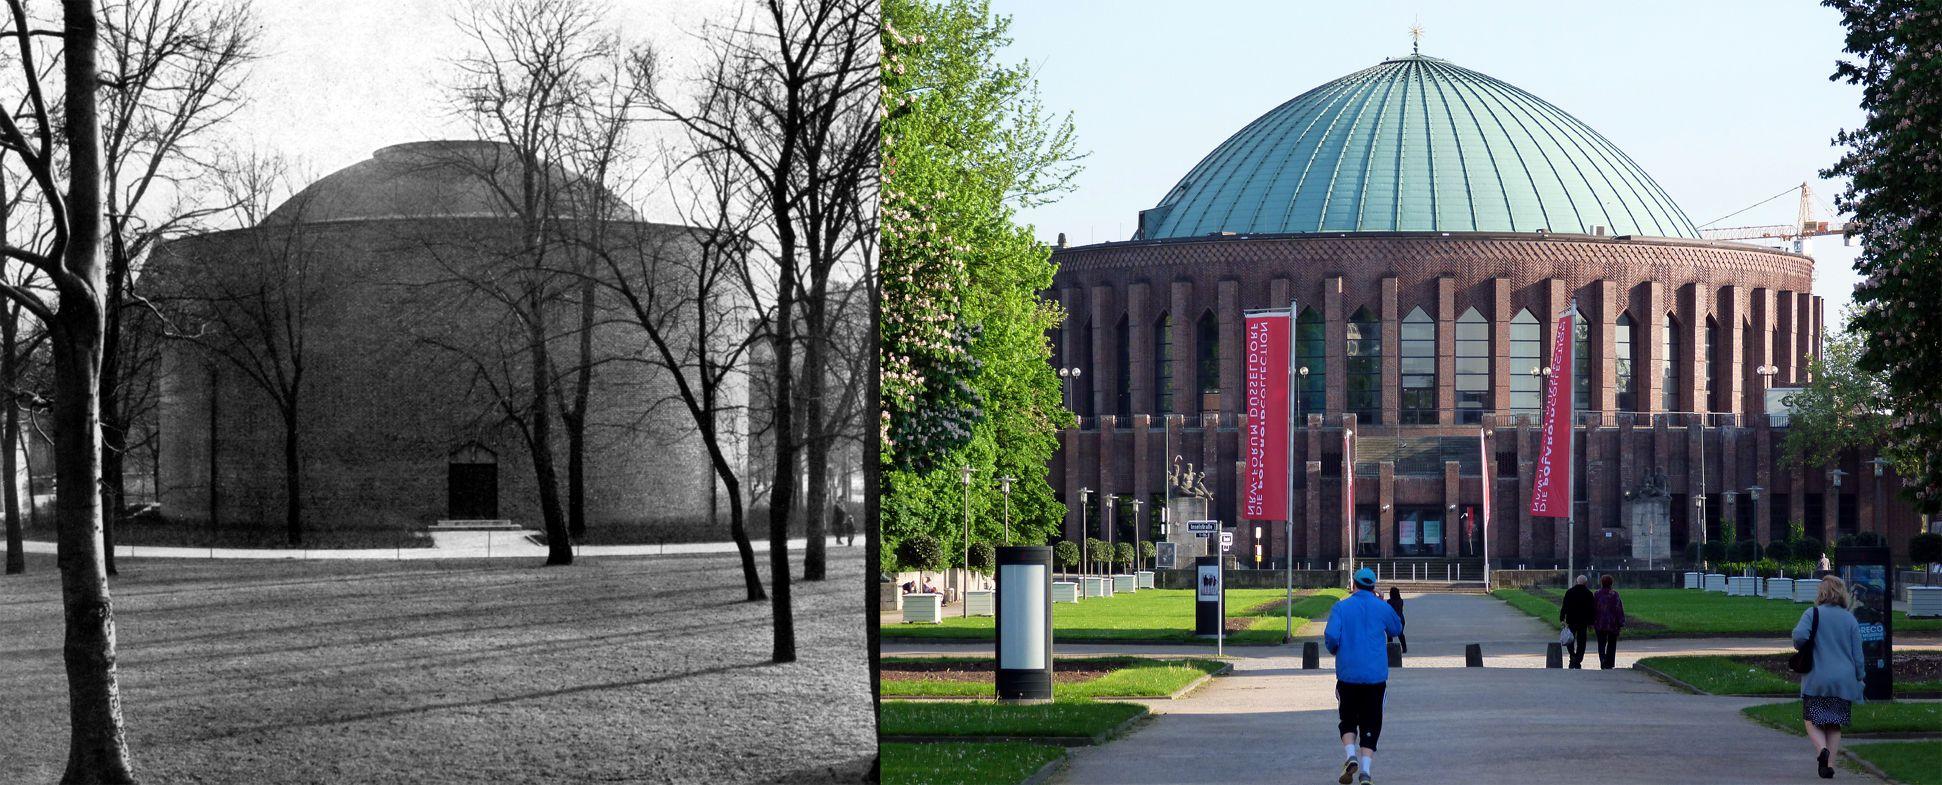 Planetarium VERGLEICHSBEISPIEL: Düsseldorf, Tonhalle, Architekt: Wilhelm Kreis , Blick vom Museum Kunst Palast